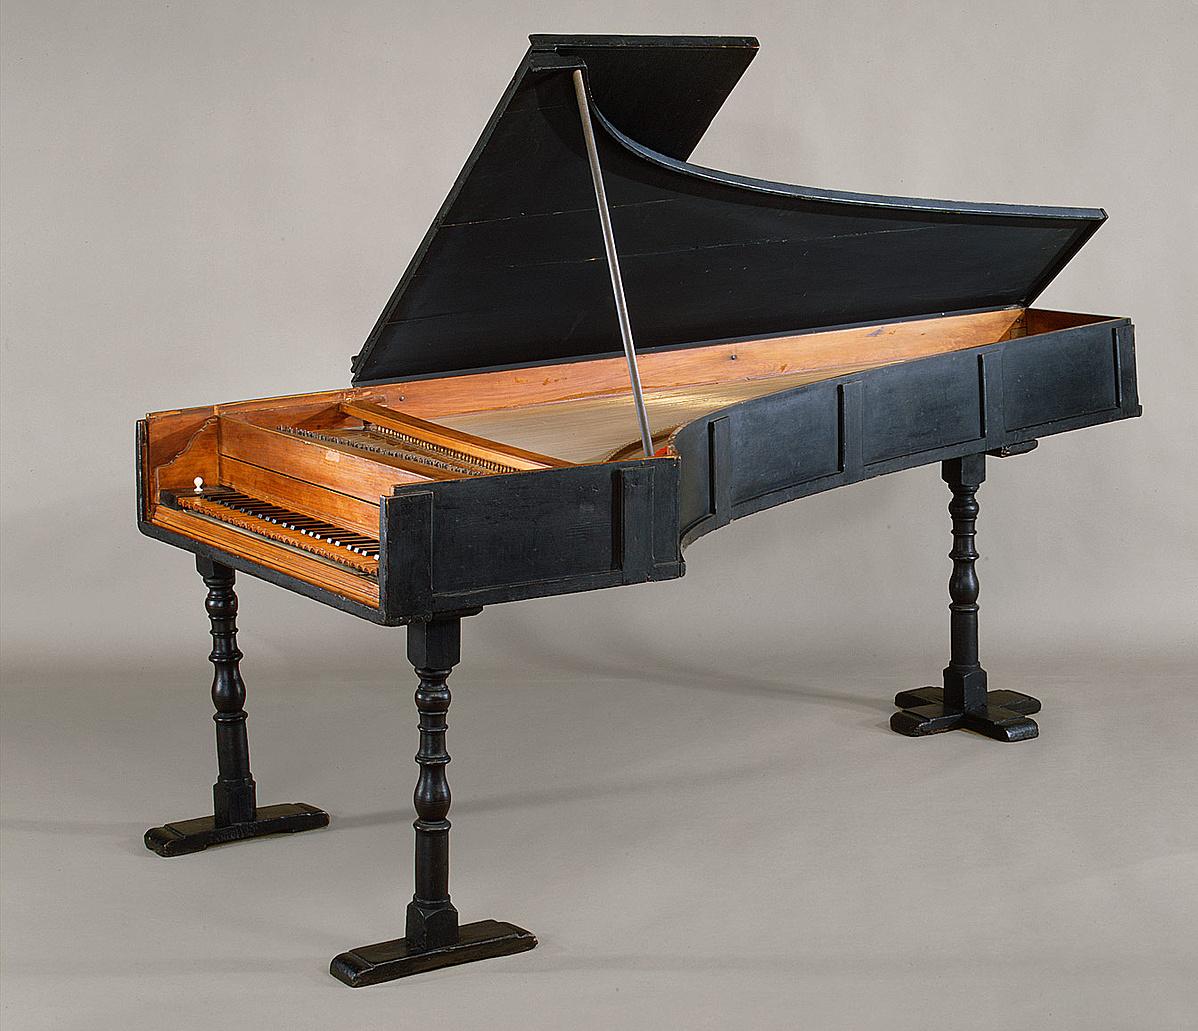 A világ legrégibb fennmaradt zongorája, melyet Bartolomeo Cristofori készített 1720-ben Firenzében.